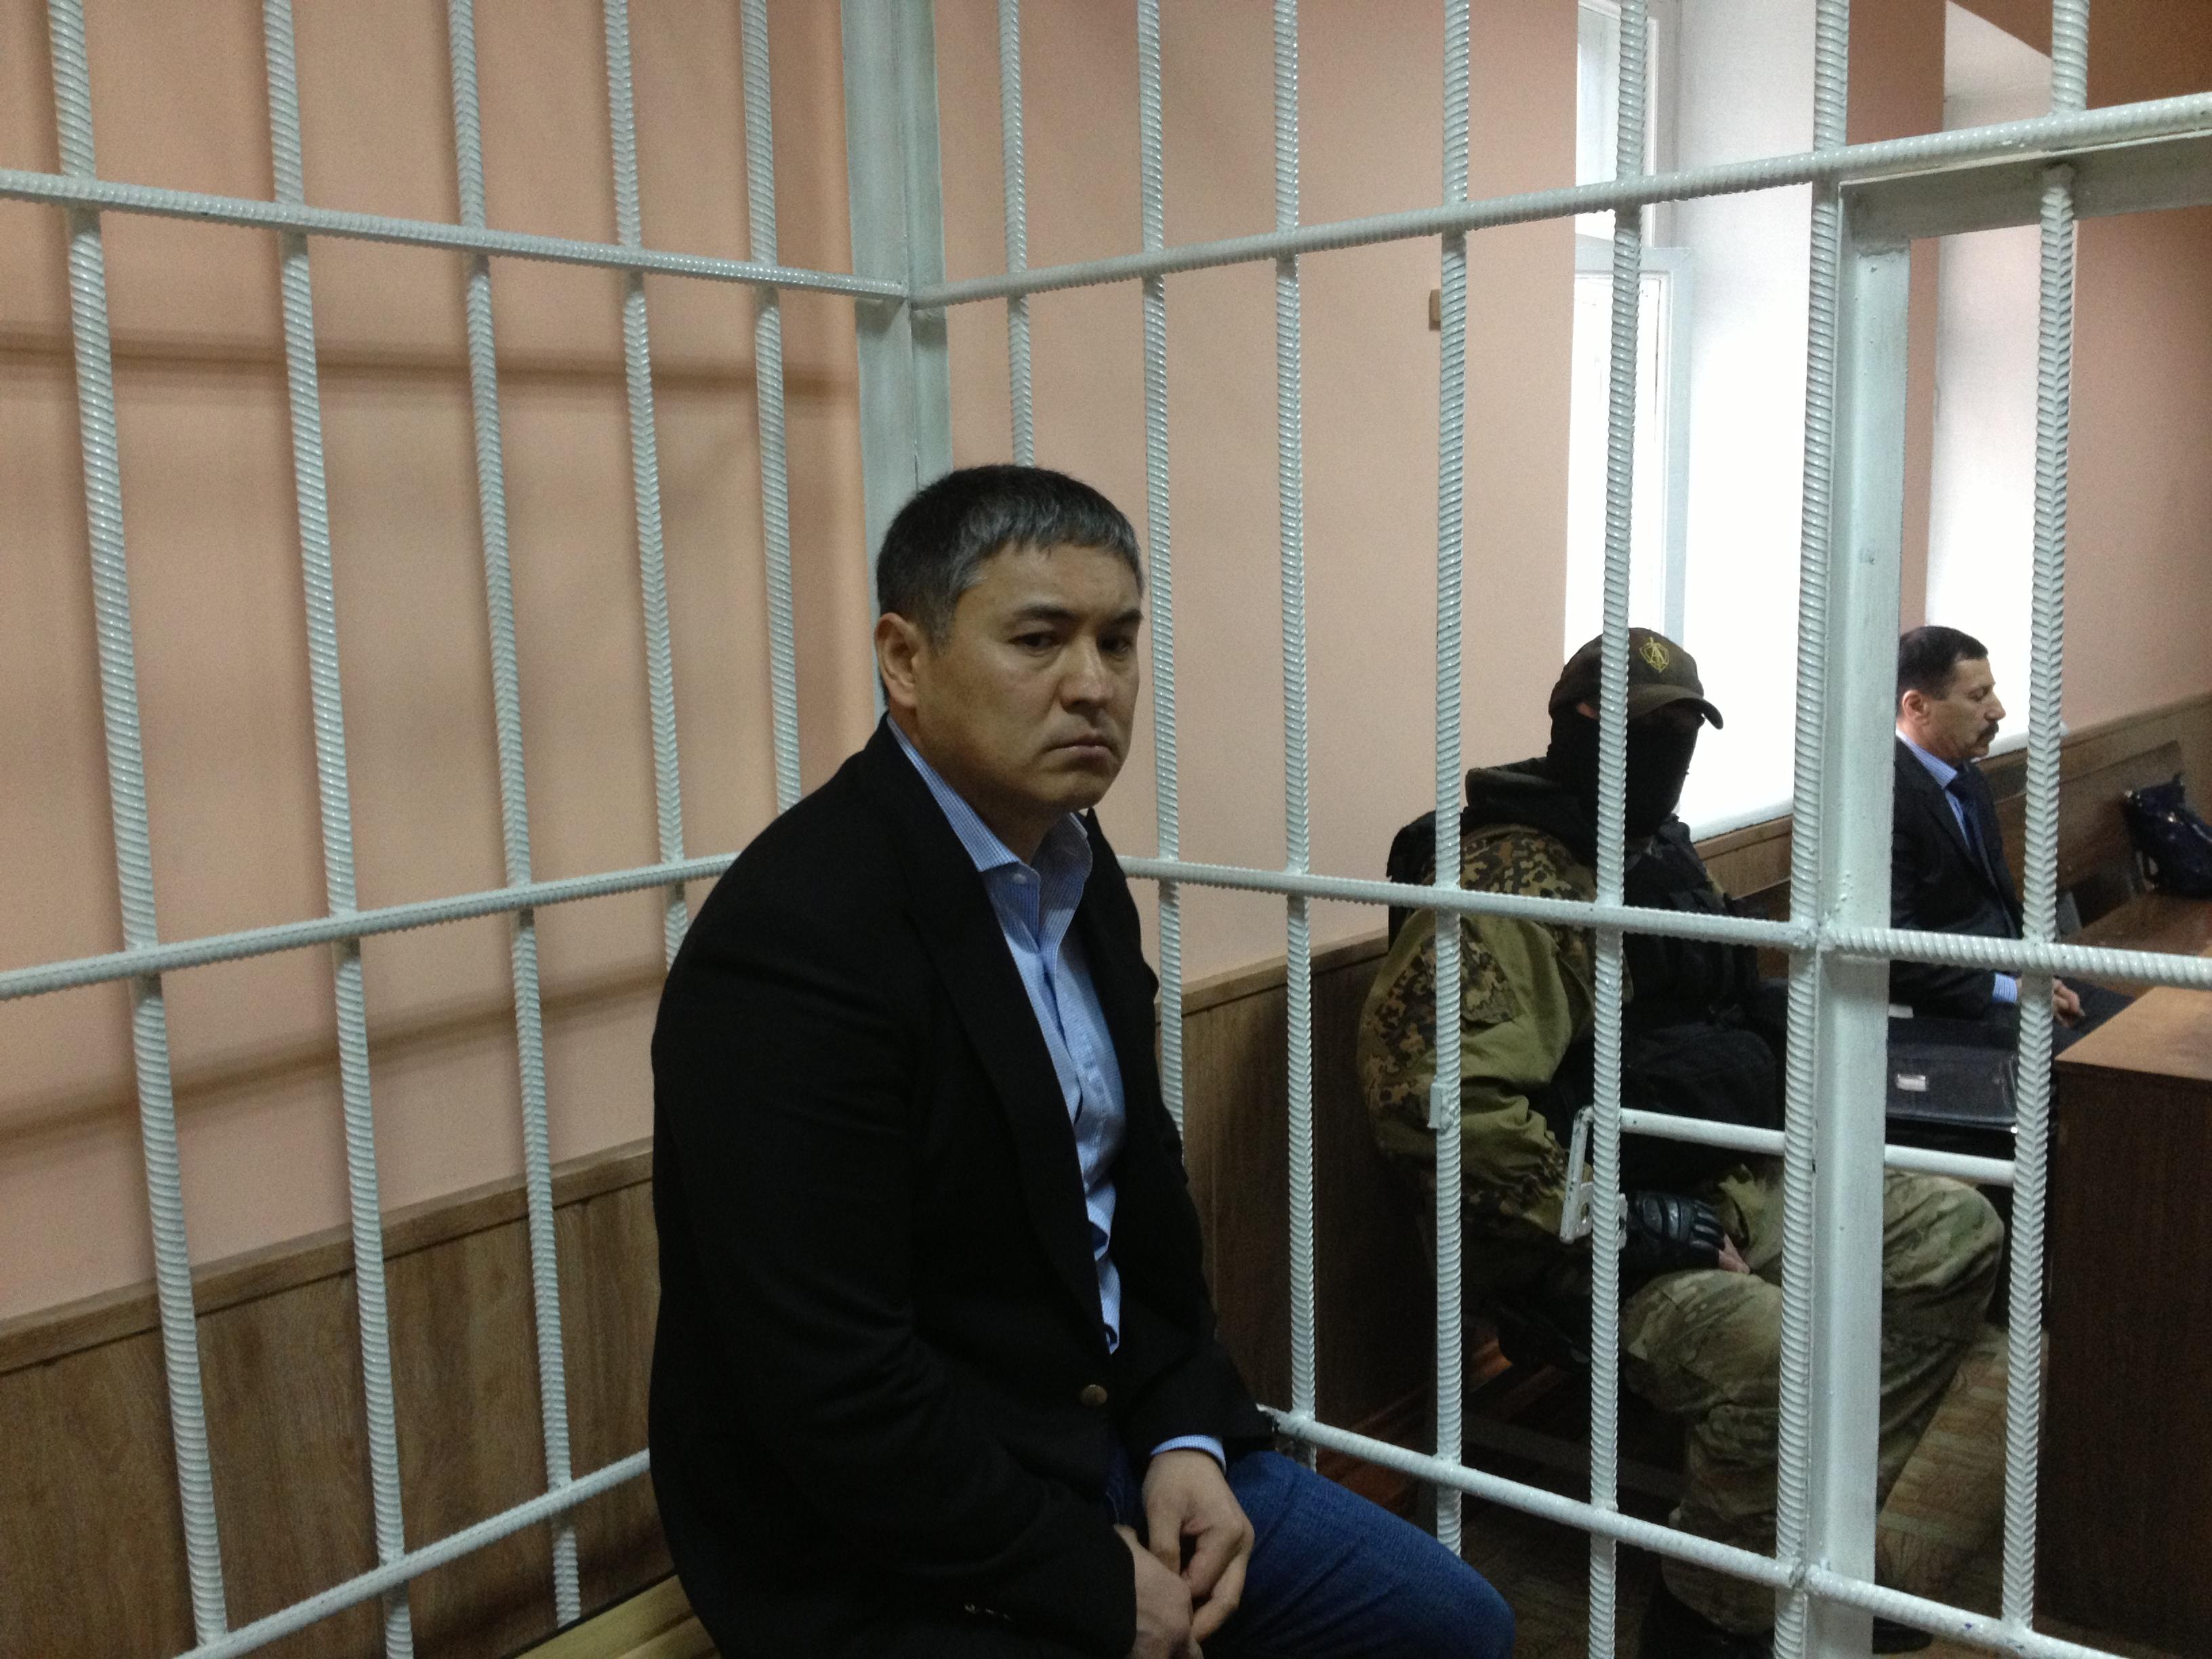 Камчы Көлбаев депутаттарга мыйзамдын катасын көрсөттүбү?